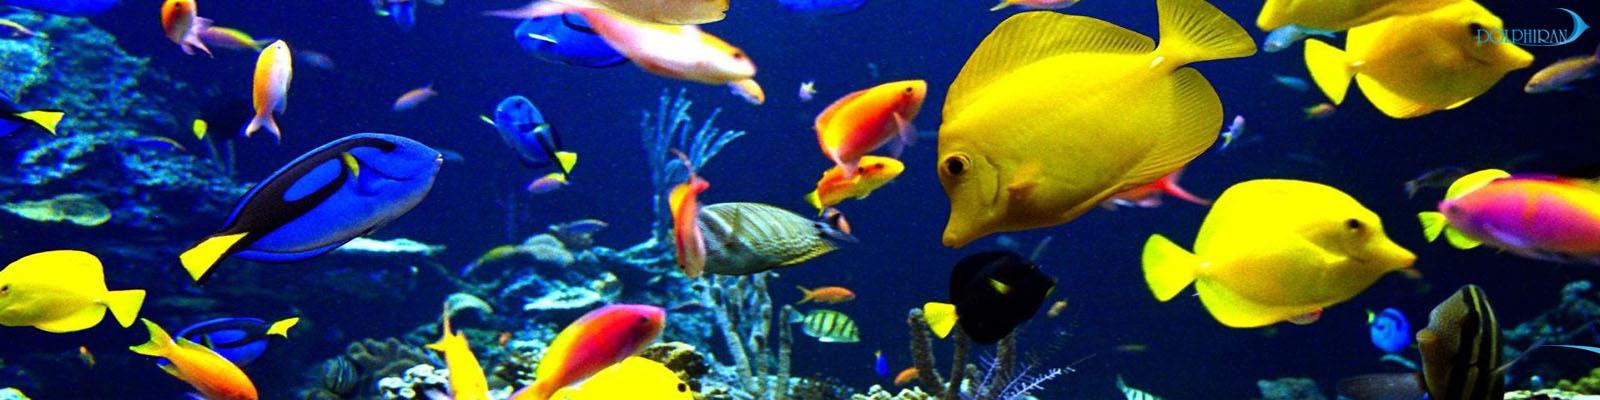 پخش ماهی Calico Scopus Tang در میان واردات اخیر ماهی های Koi و Tricolor Tangs